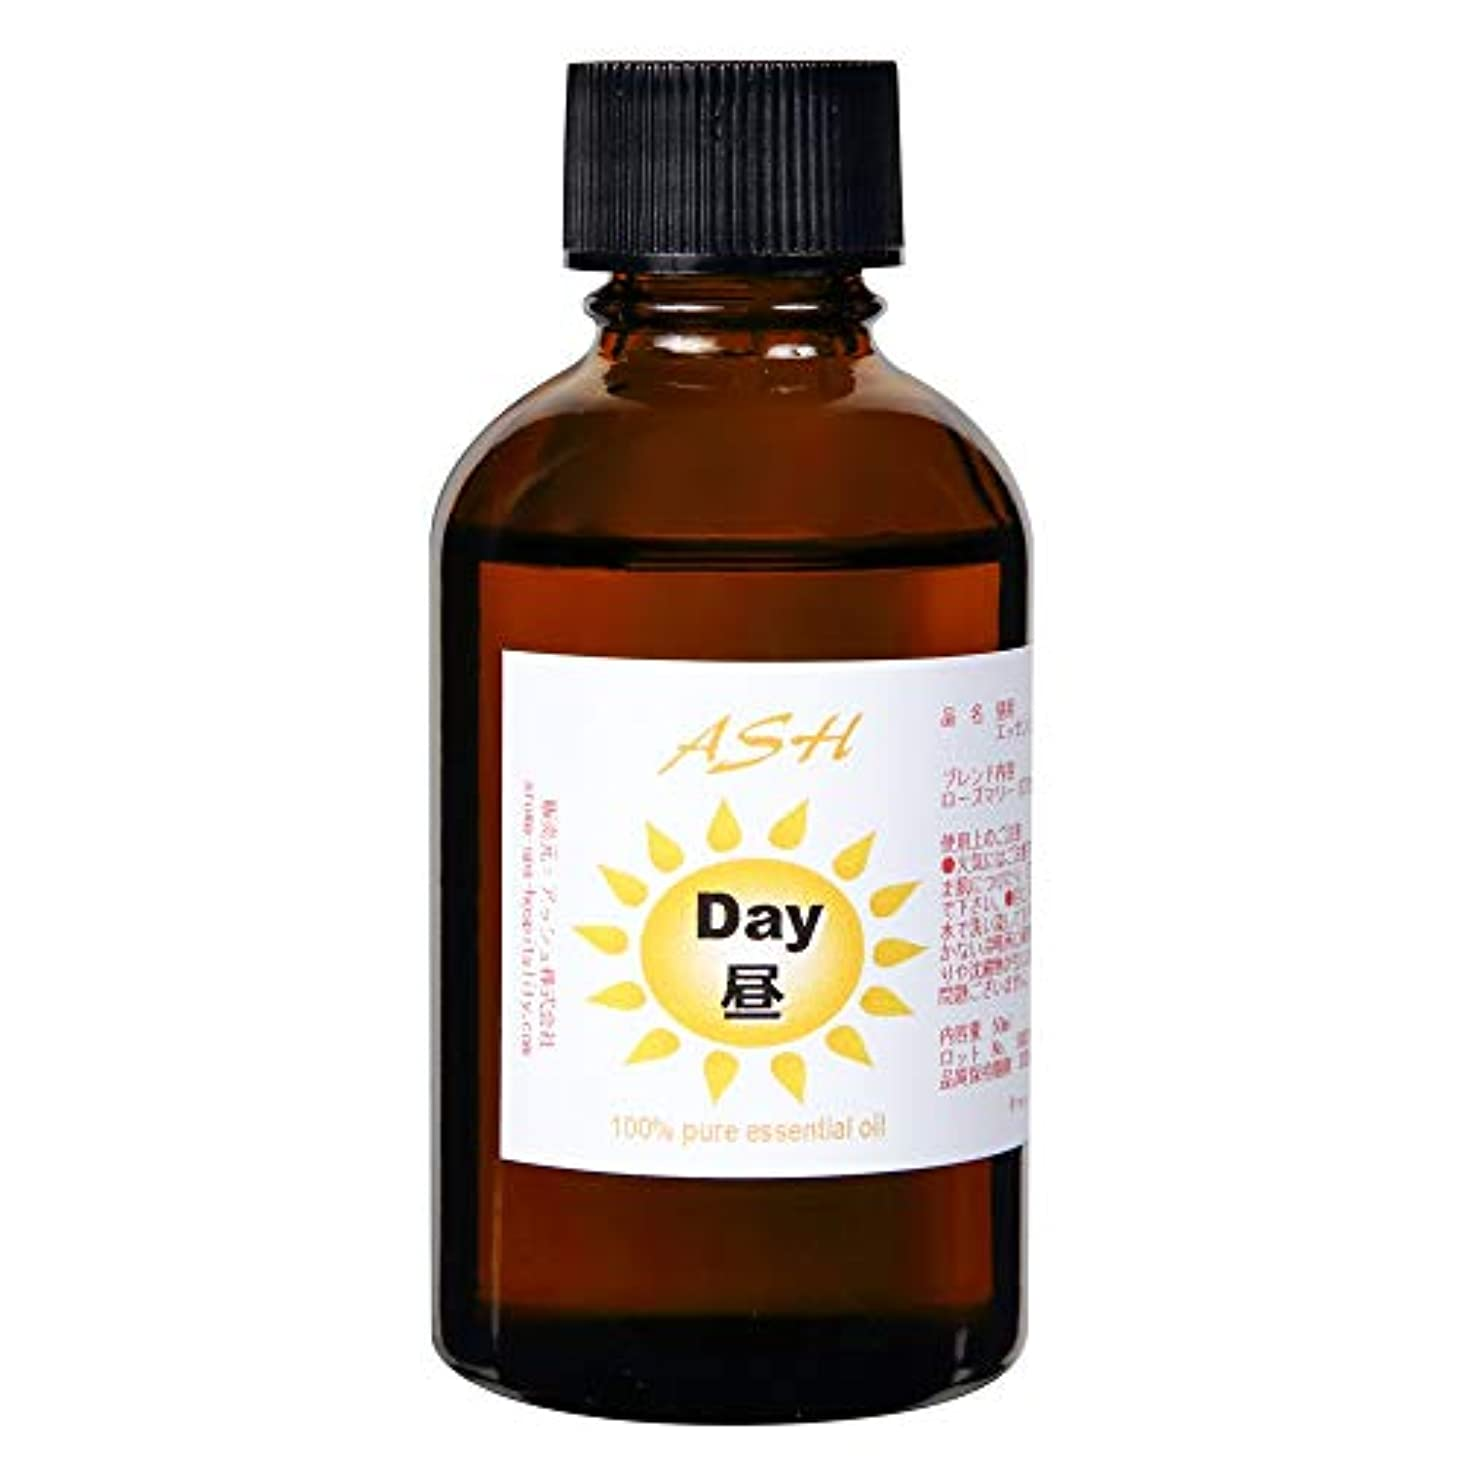 順番グラディスバックグラウンドASH Day(昼用)エッセンシャルオイルブレンド50ml【ローズマリー+レモン】